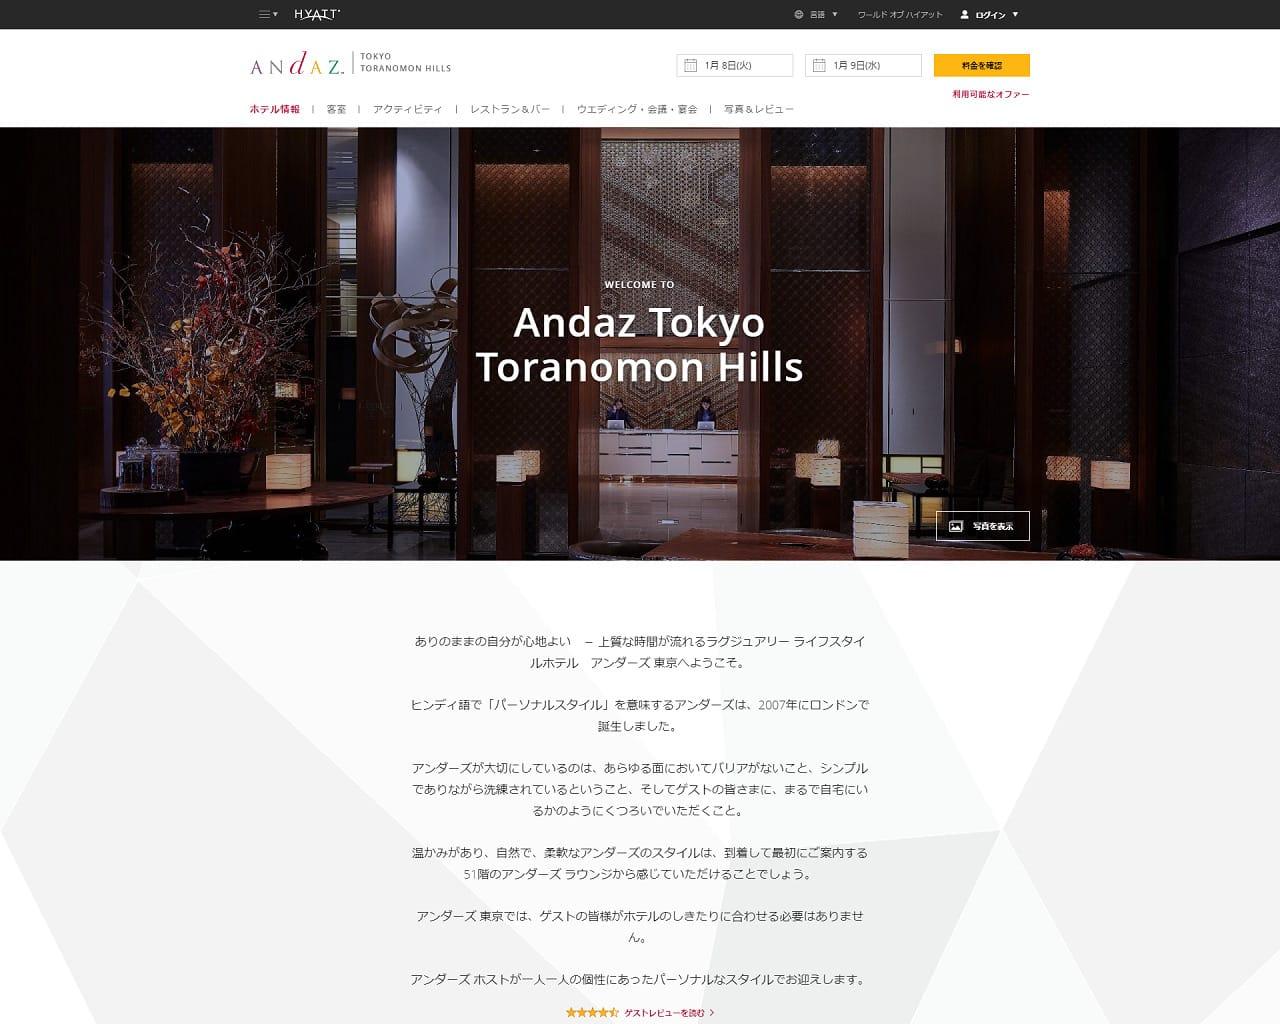 高級ホテル特集 アンダーズ 東京